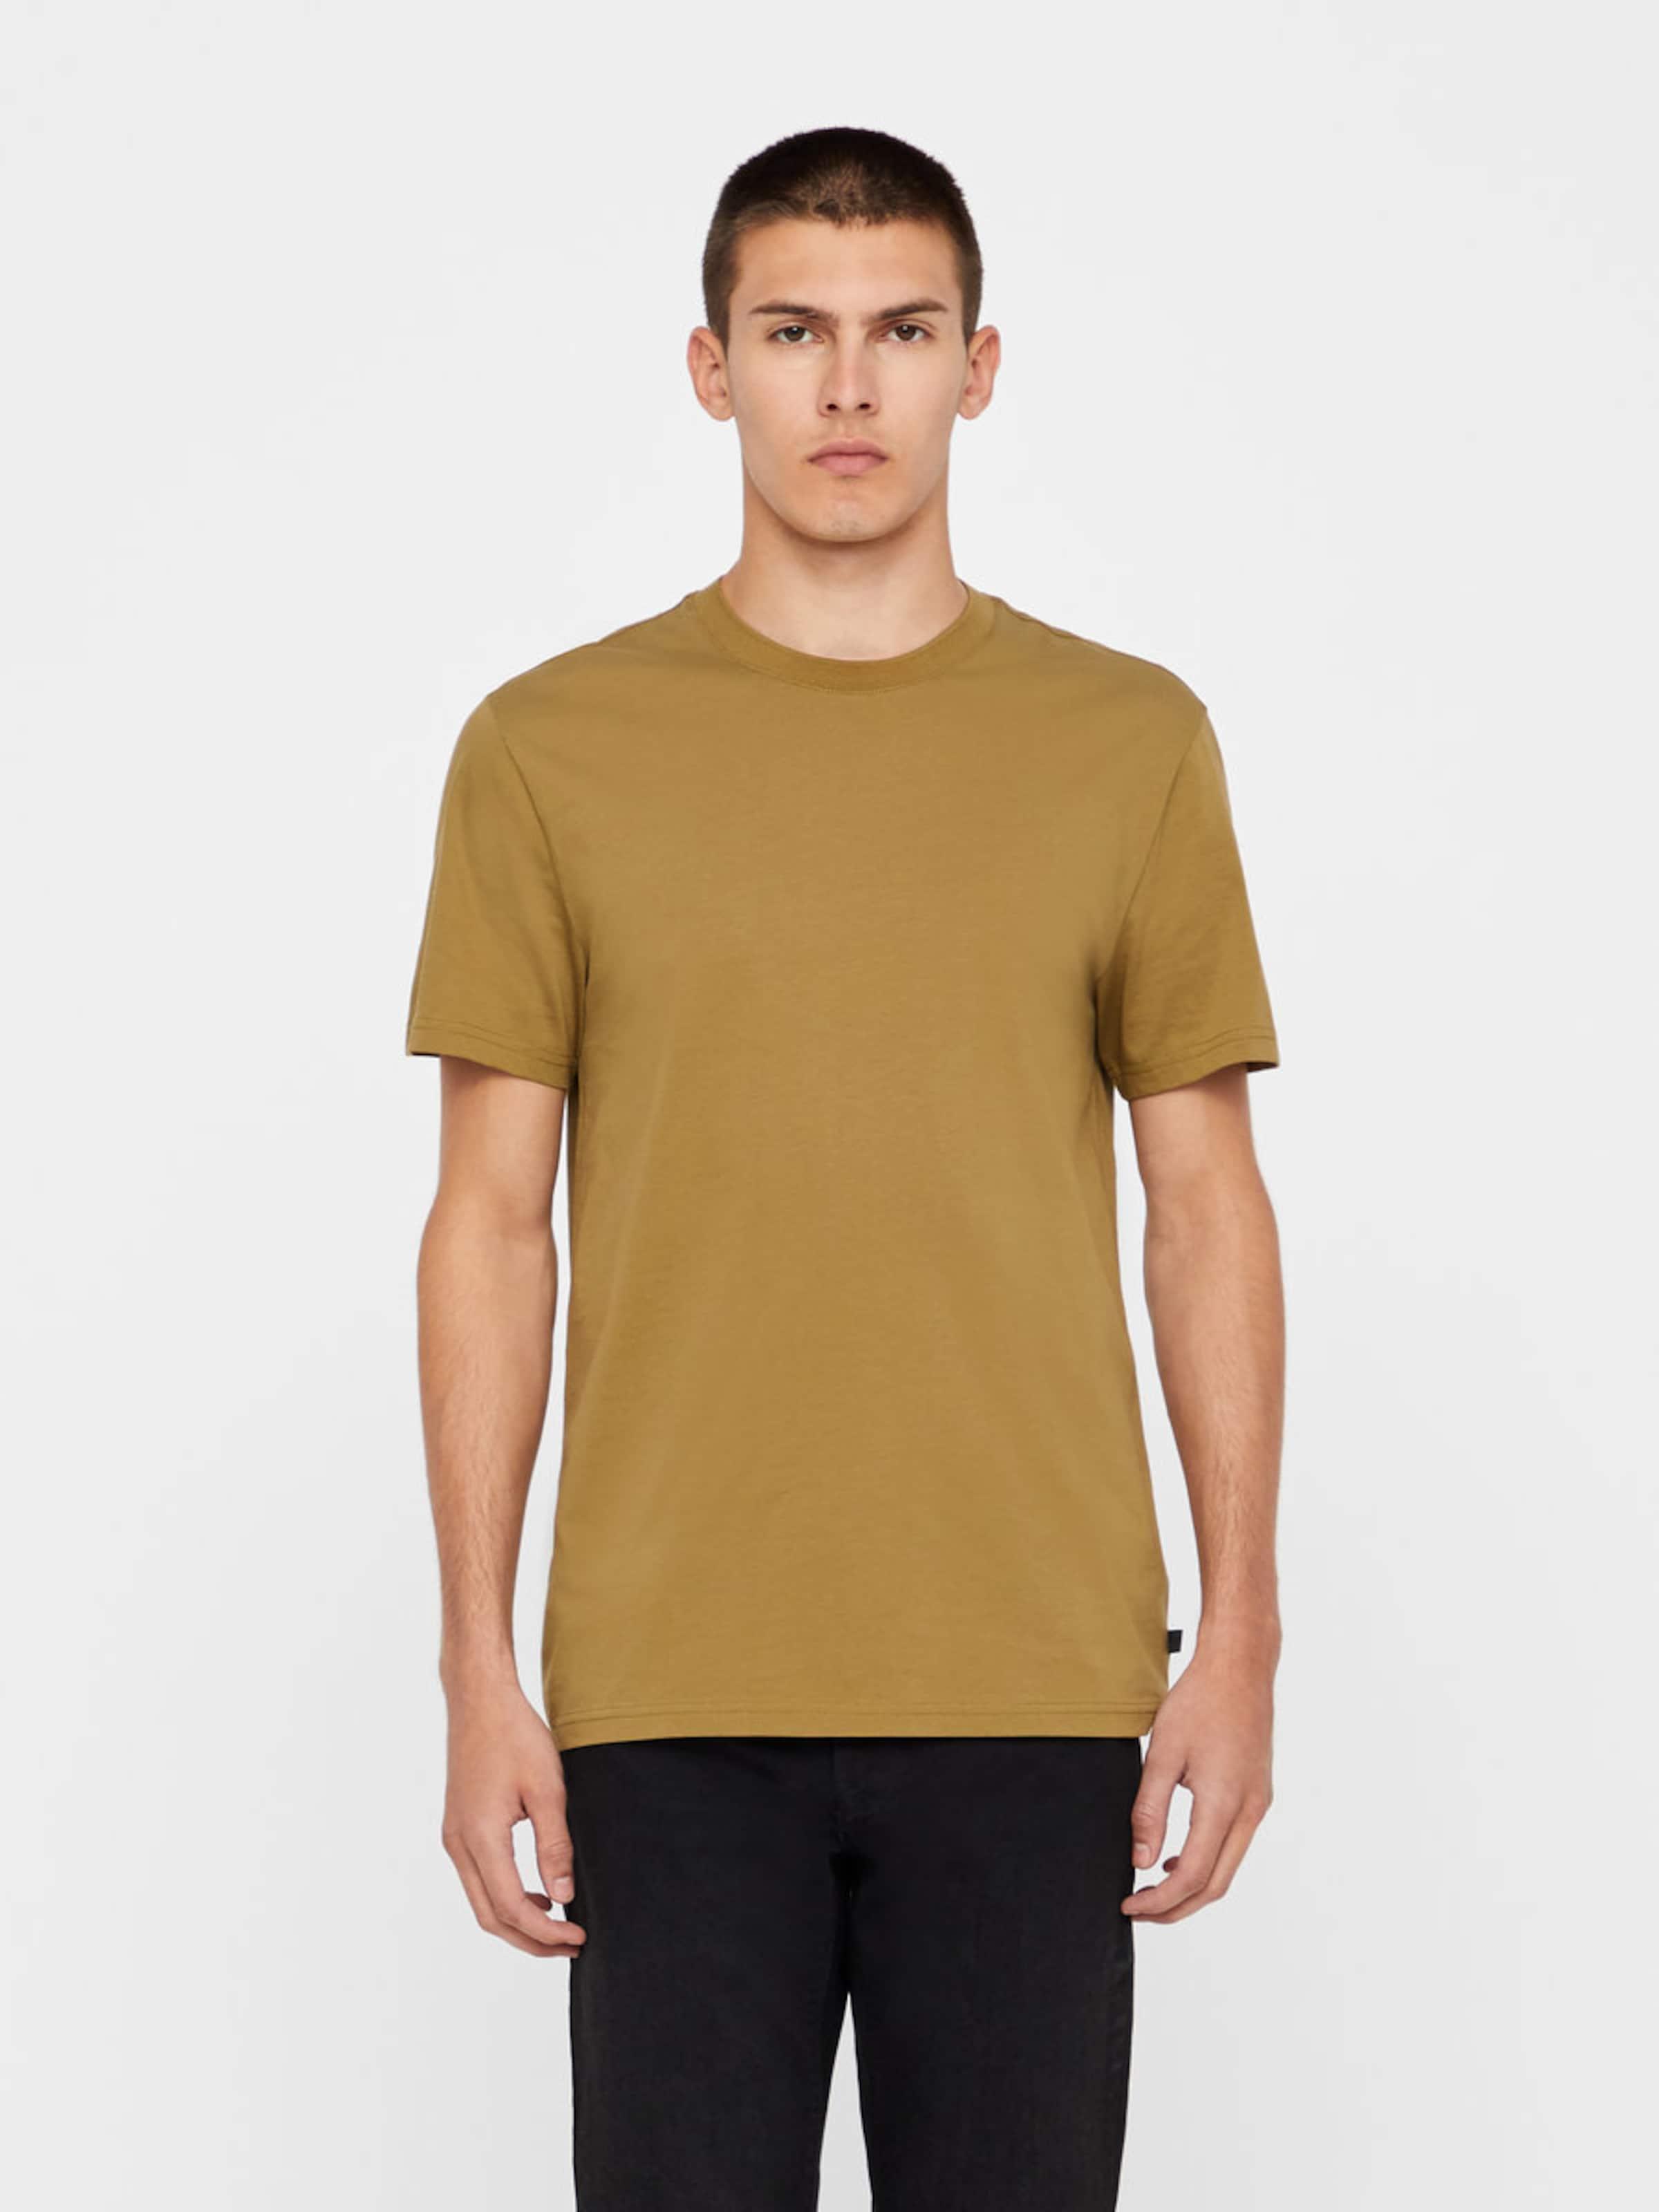 Shirt Shirt In lindeberg J Camel lindeberg J lindeberg In Camel J Shirt CeodxB